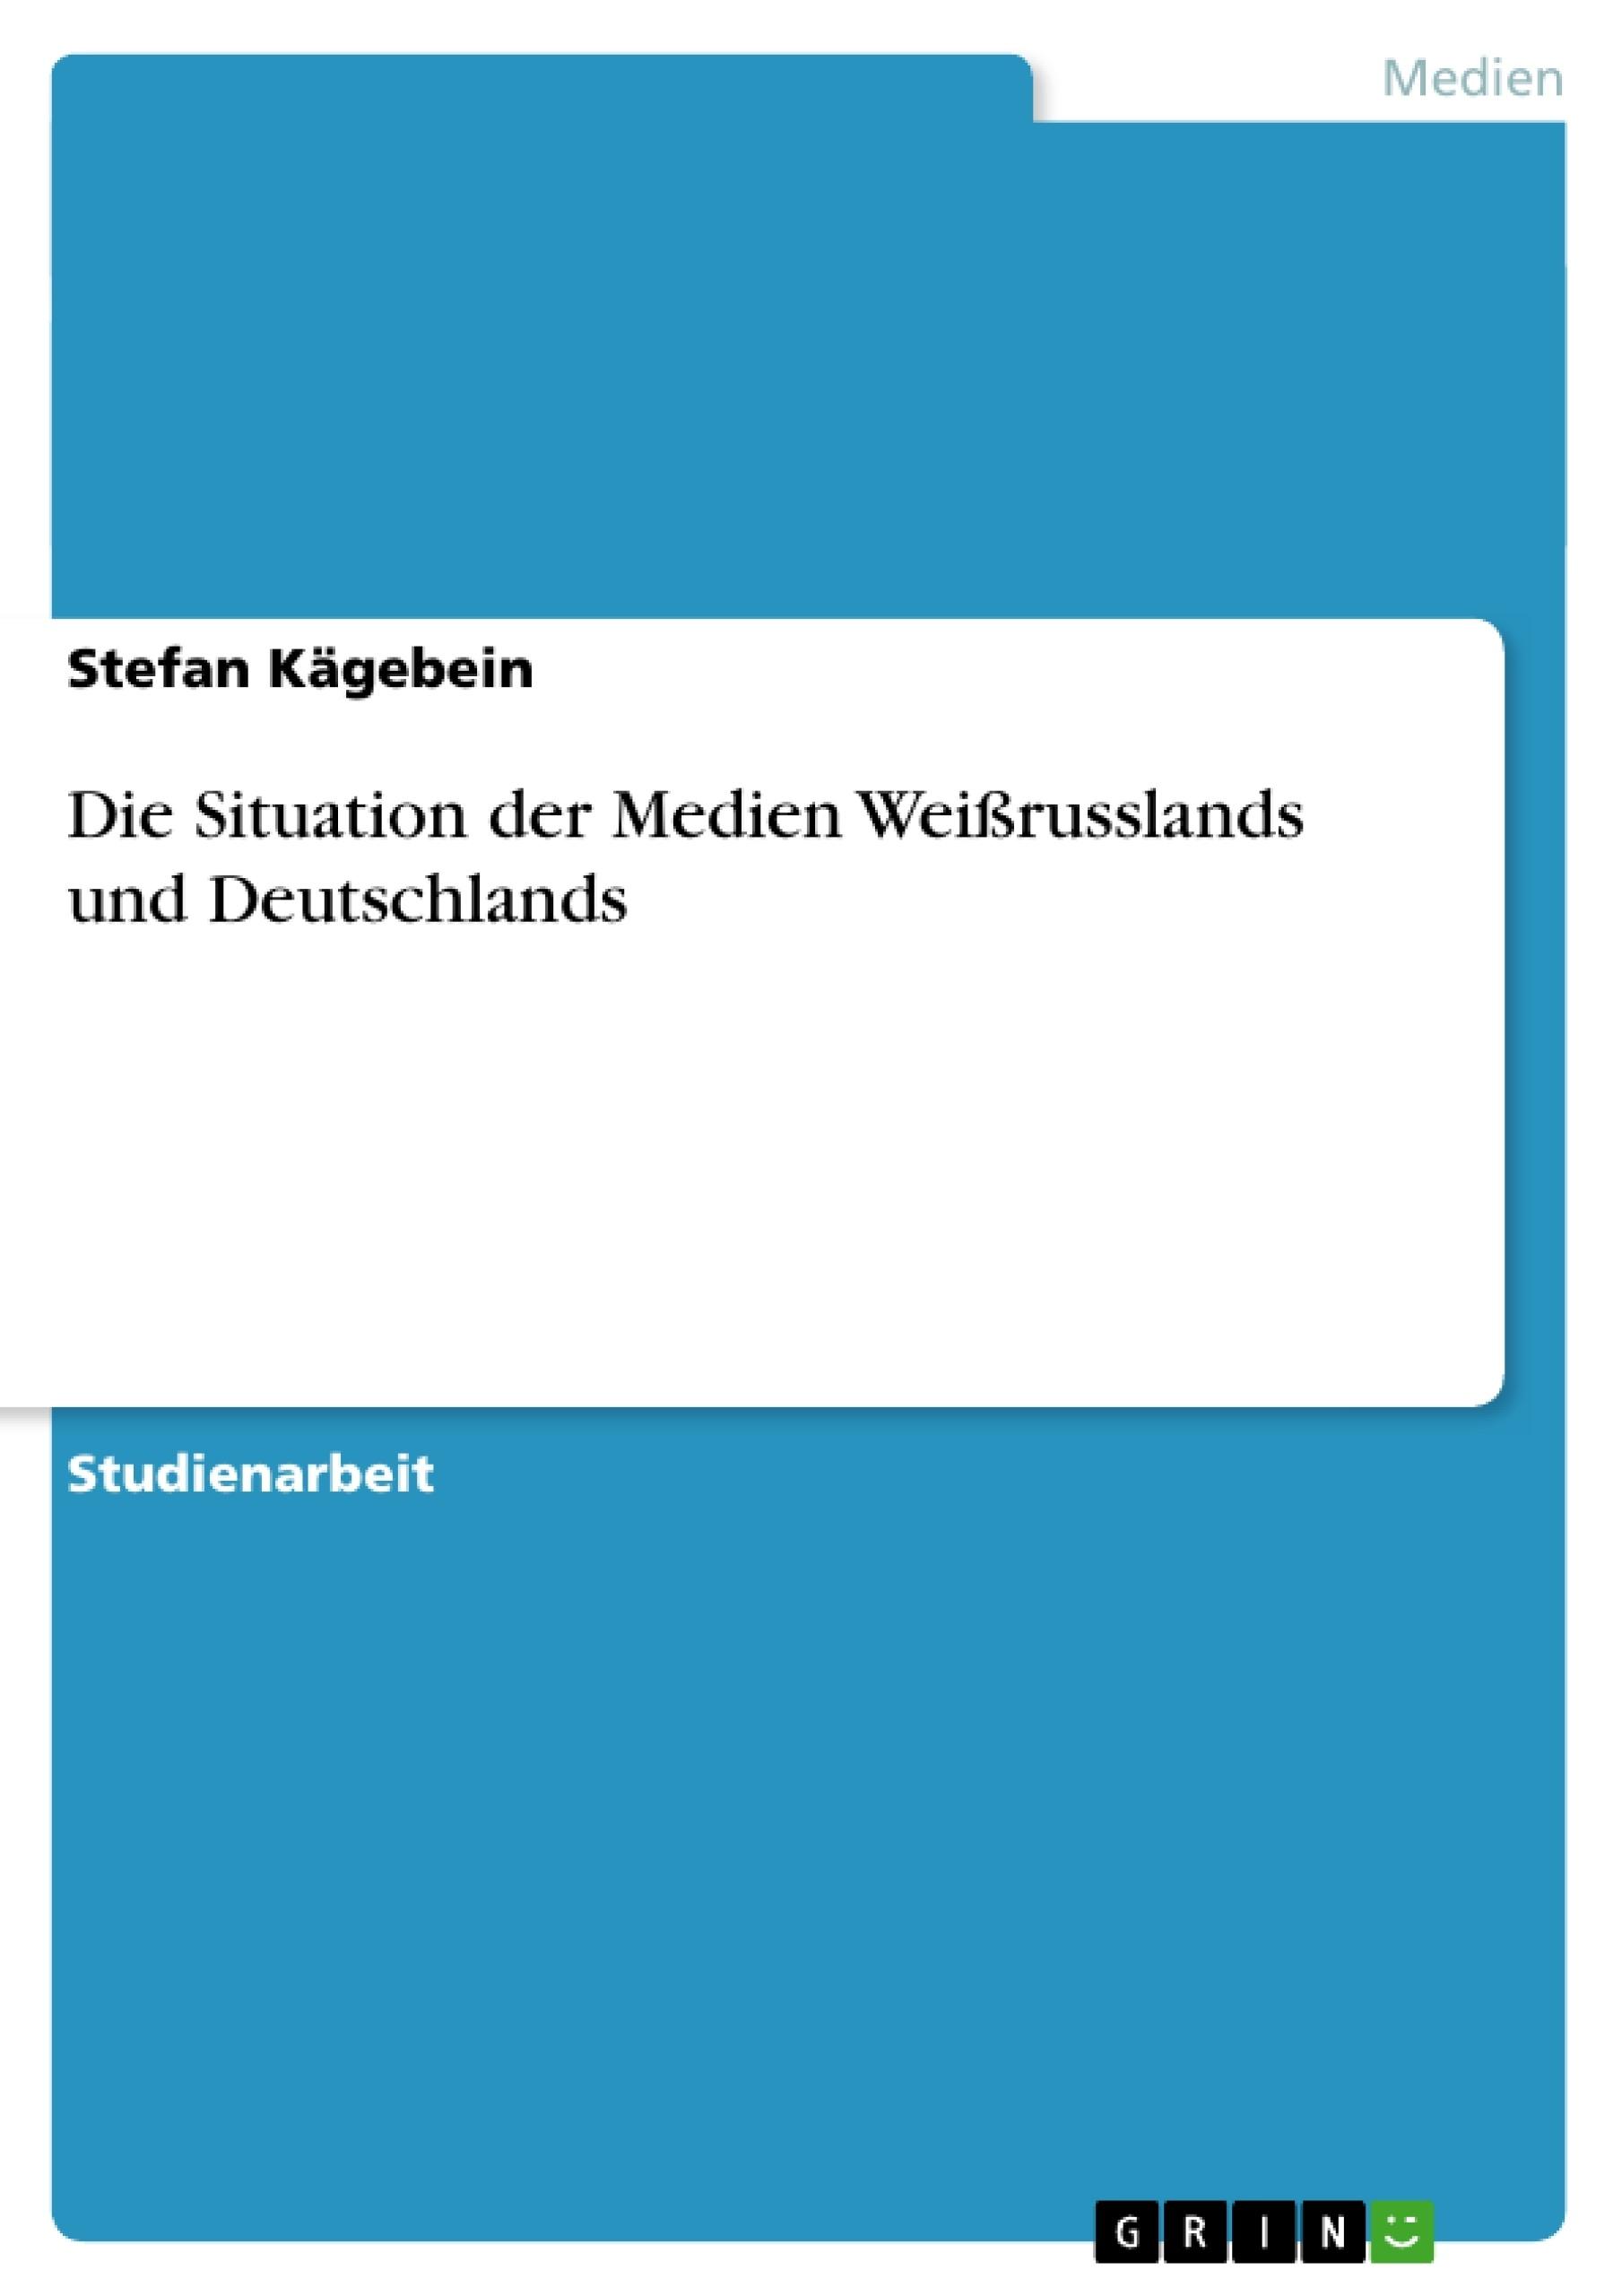 Titel: Die Situation der Medien Weißrusslands und Deutschlands